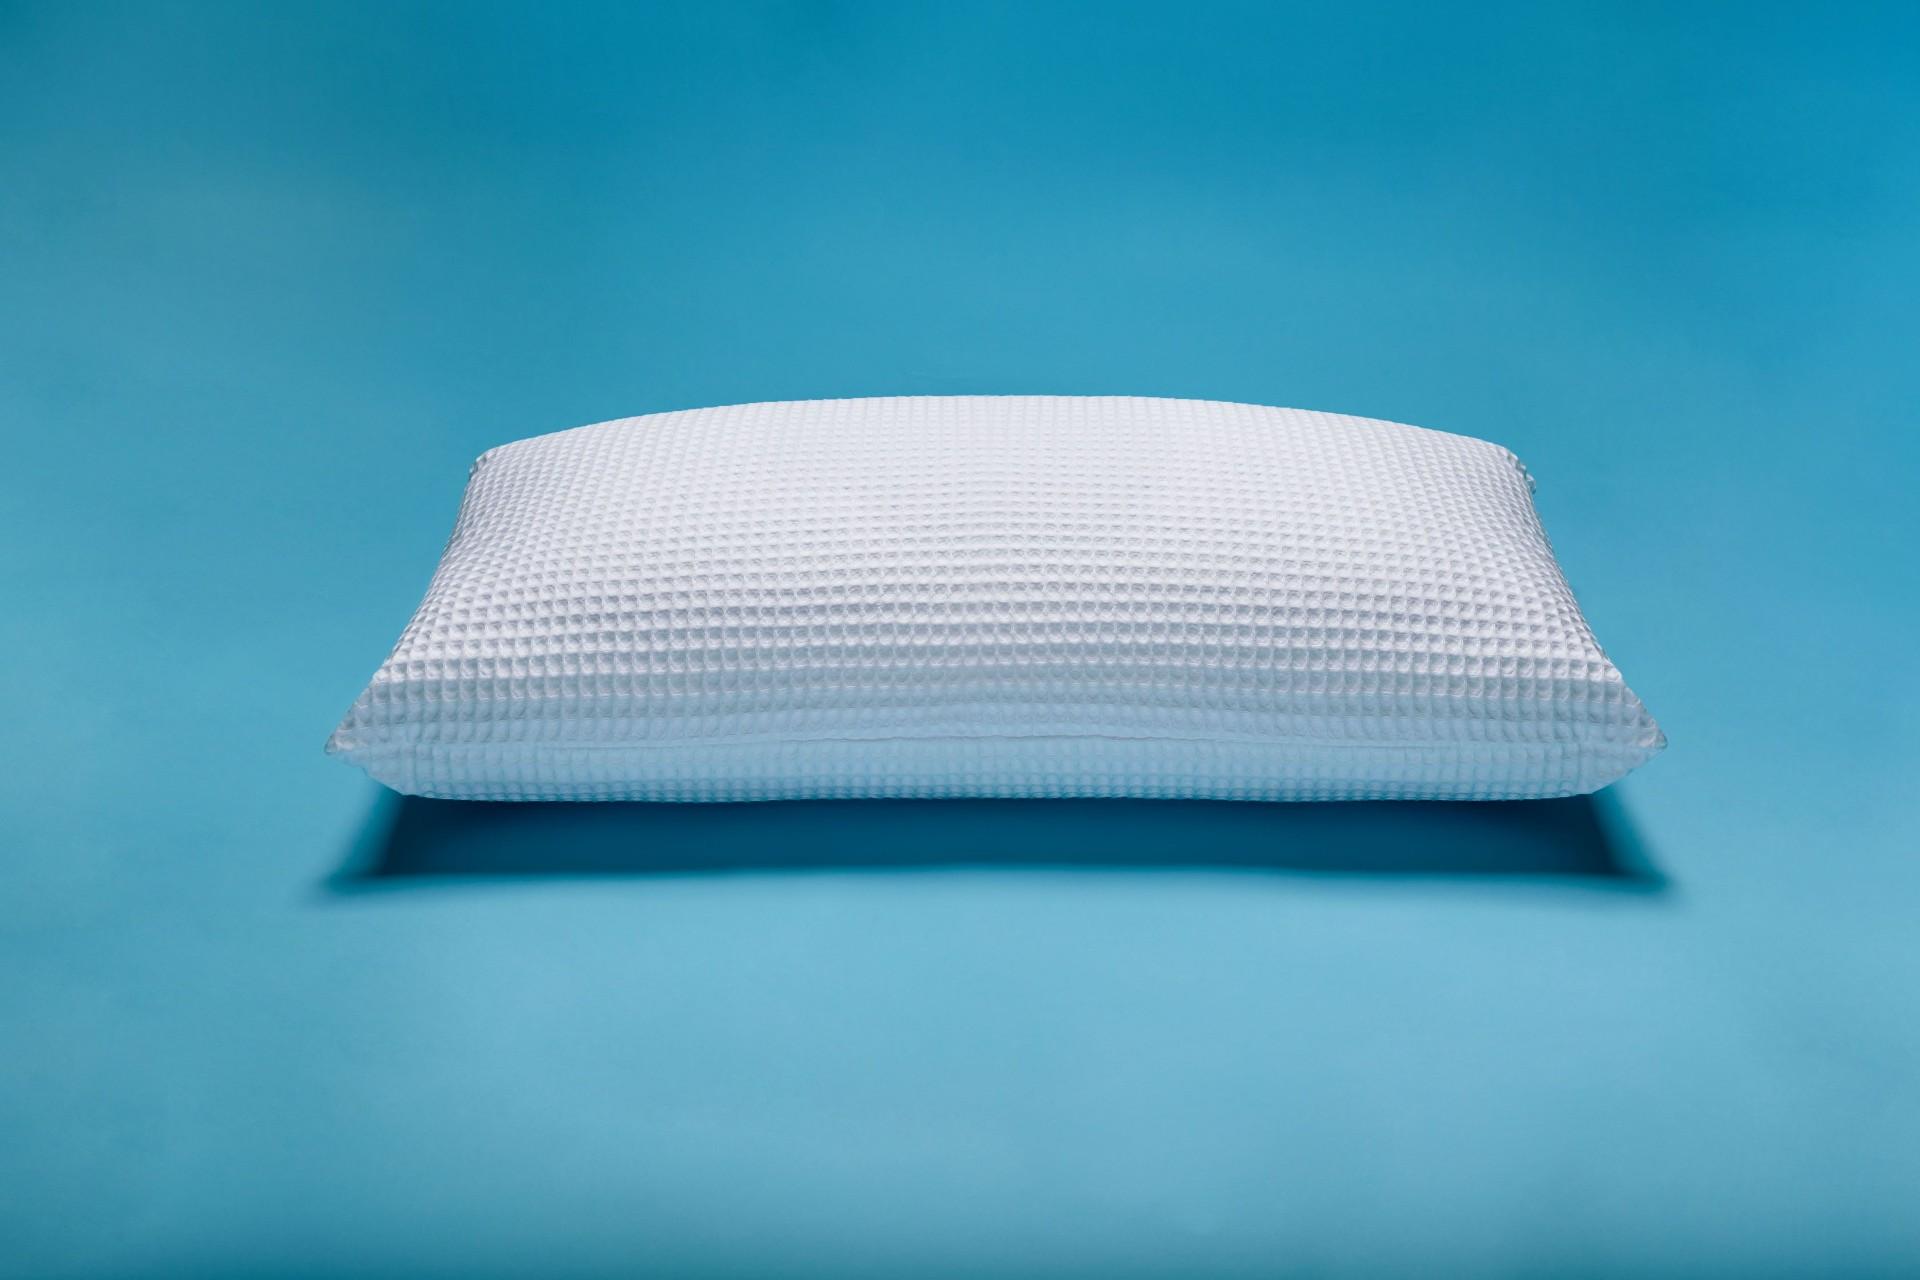 Cuscino elastico molleggiato